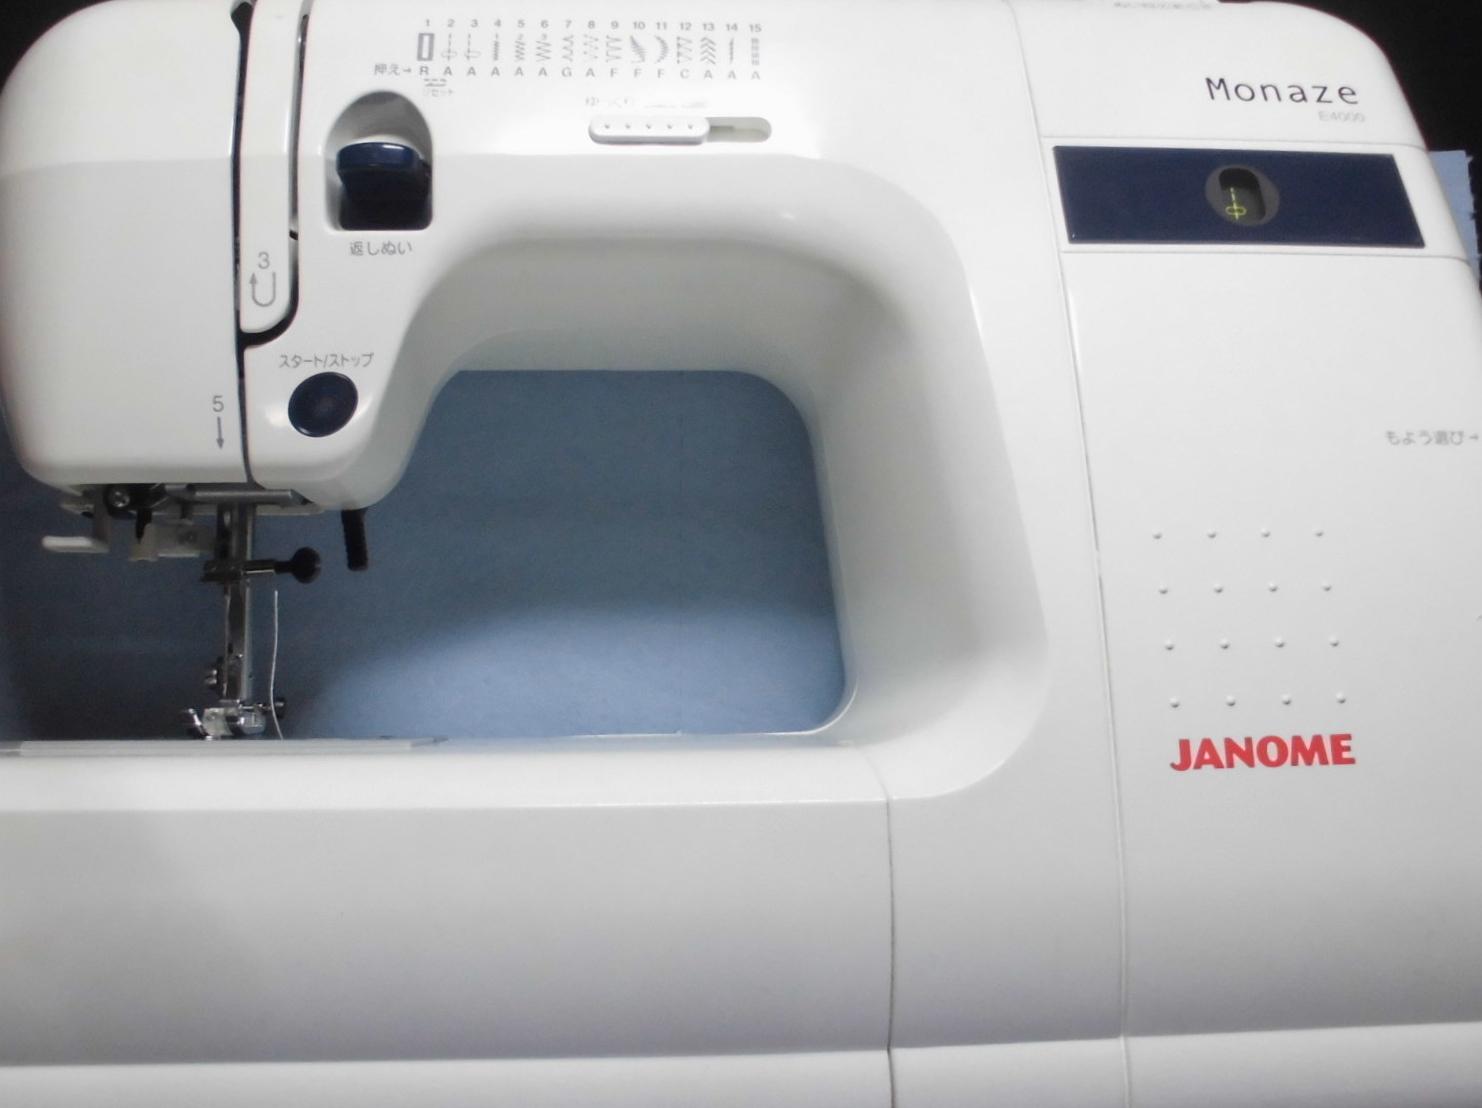 ジャノメミシン修理|モナーゼE4000|ミシンが動かない、ミシンの電源は入る